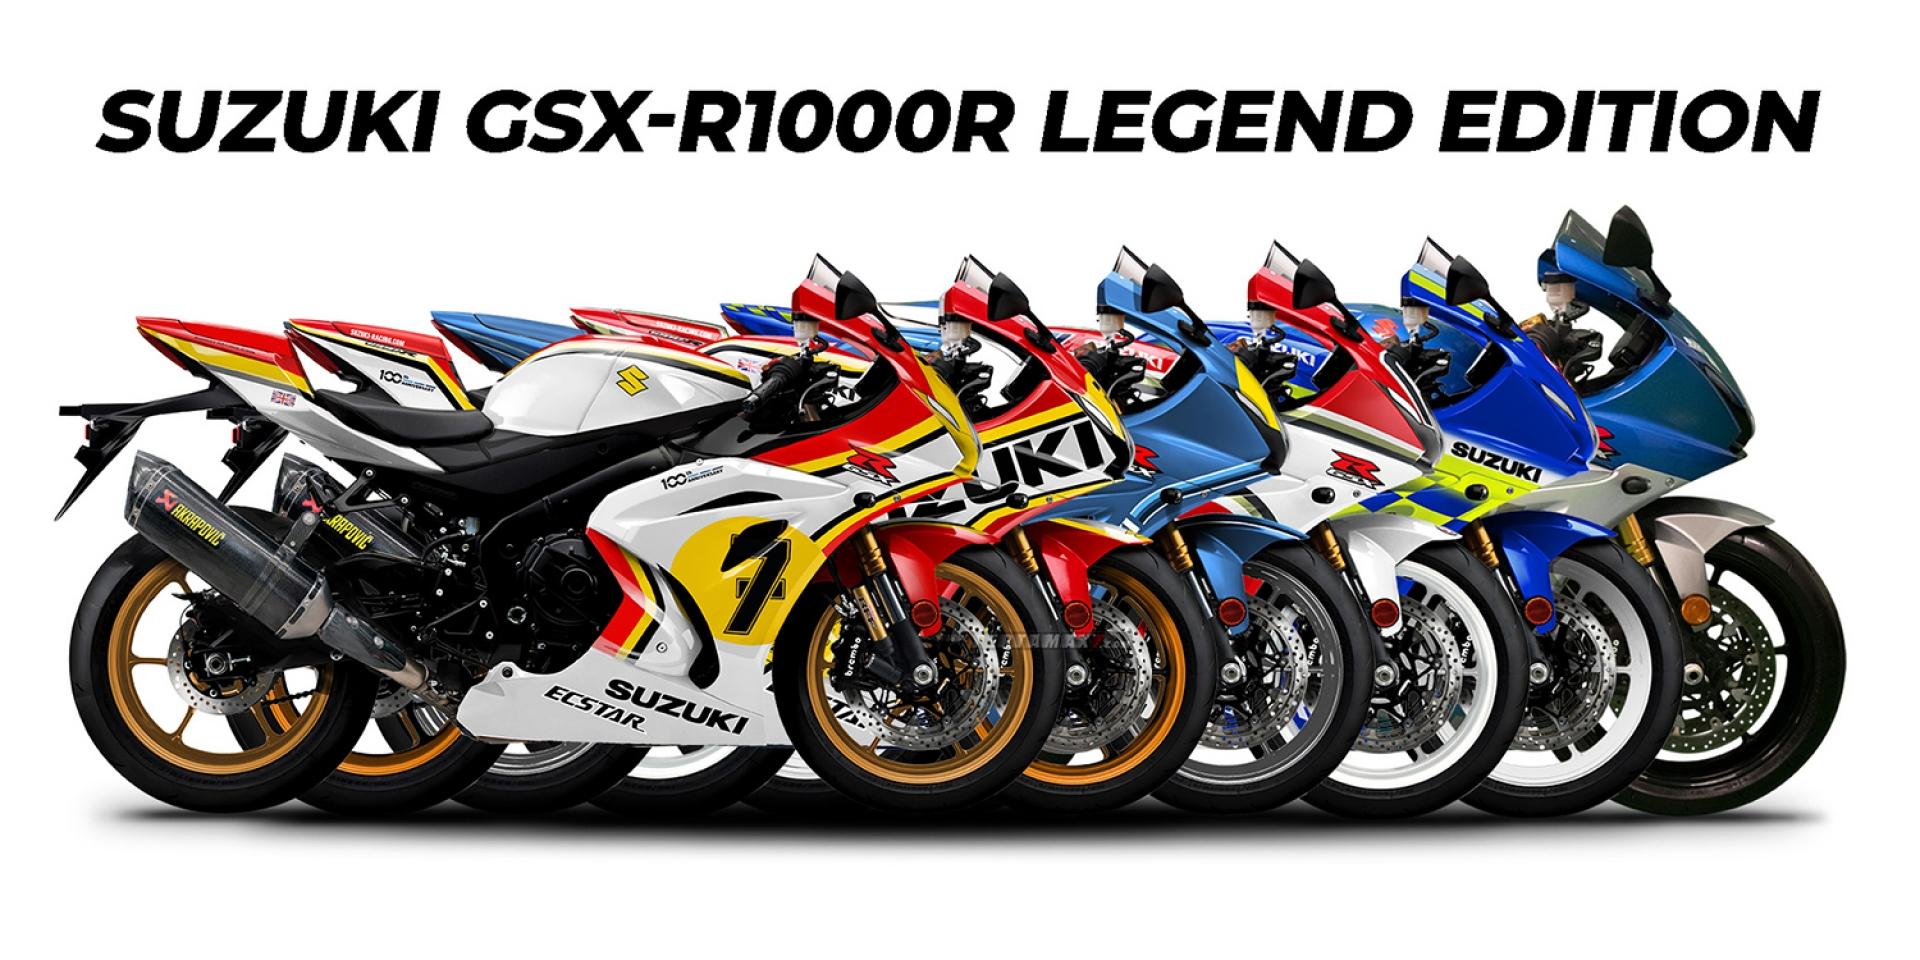 慶祝GP奪冠,冠軍塗裝任選!SUZUKI推出「GSX-R1000R LEGEND EDITION」傳奇冠軍特仕版